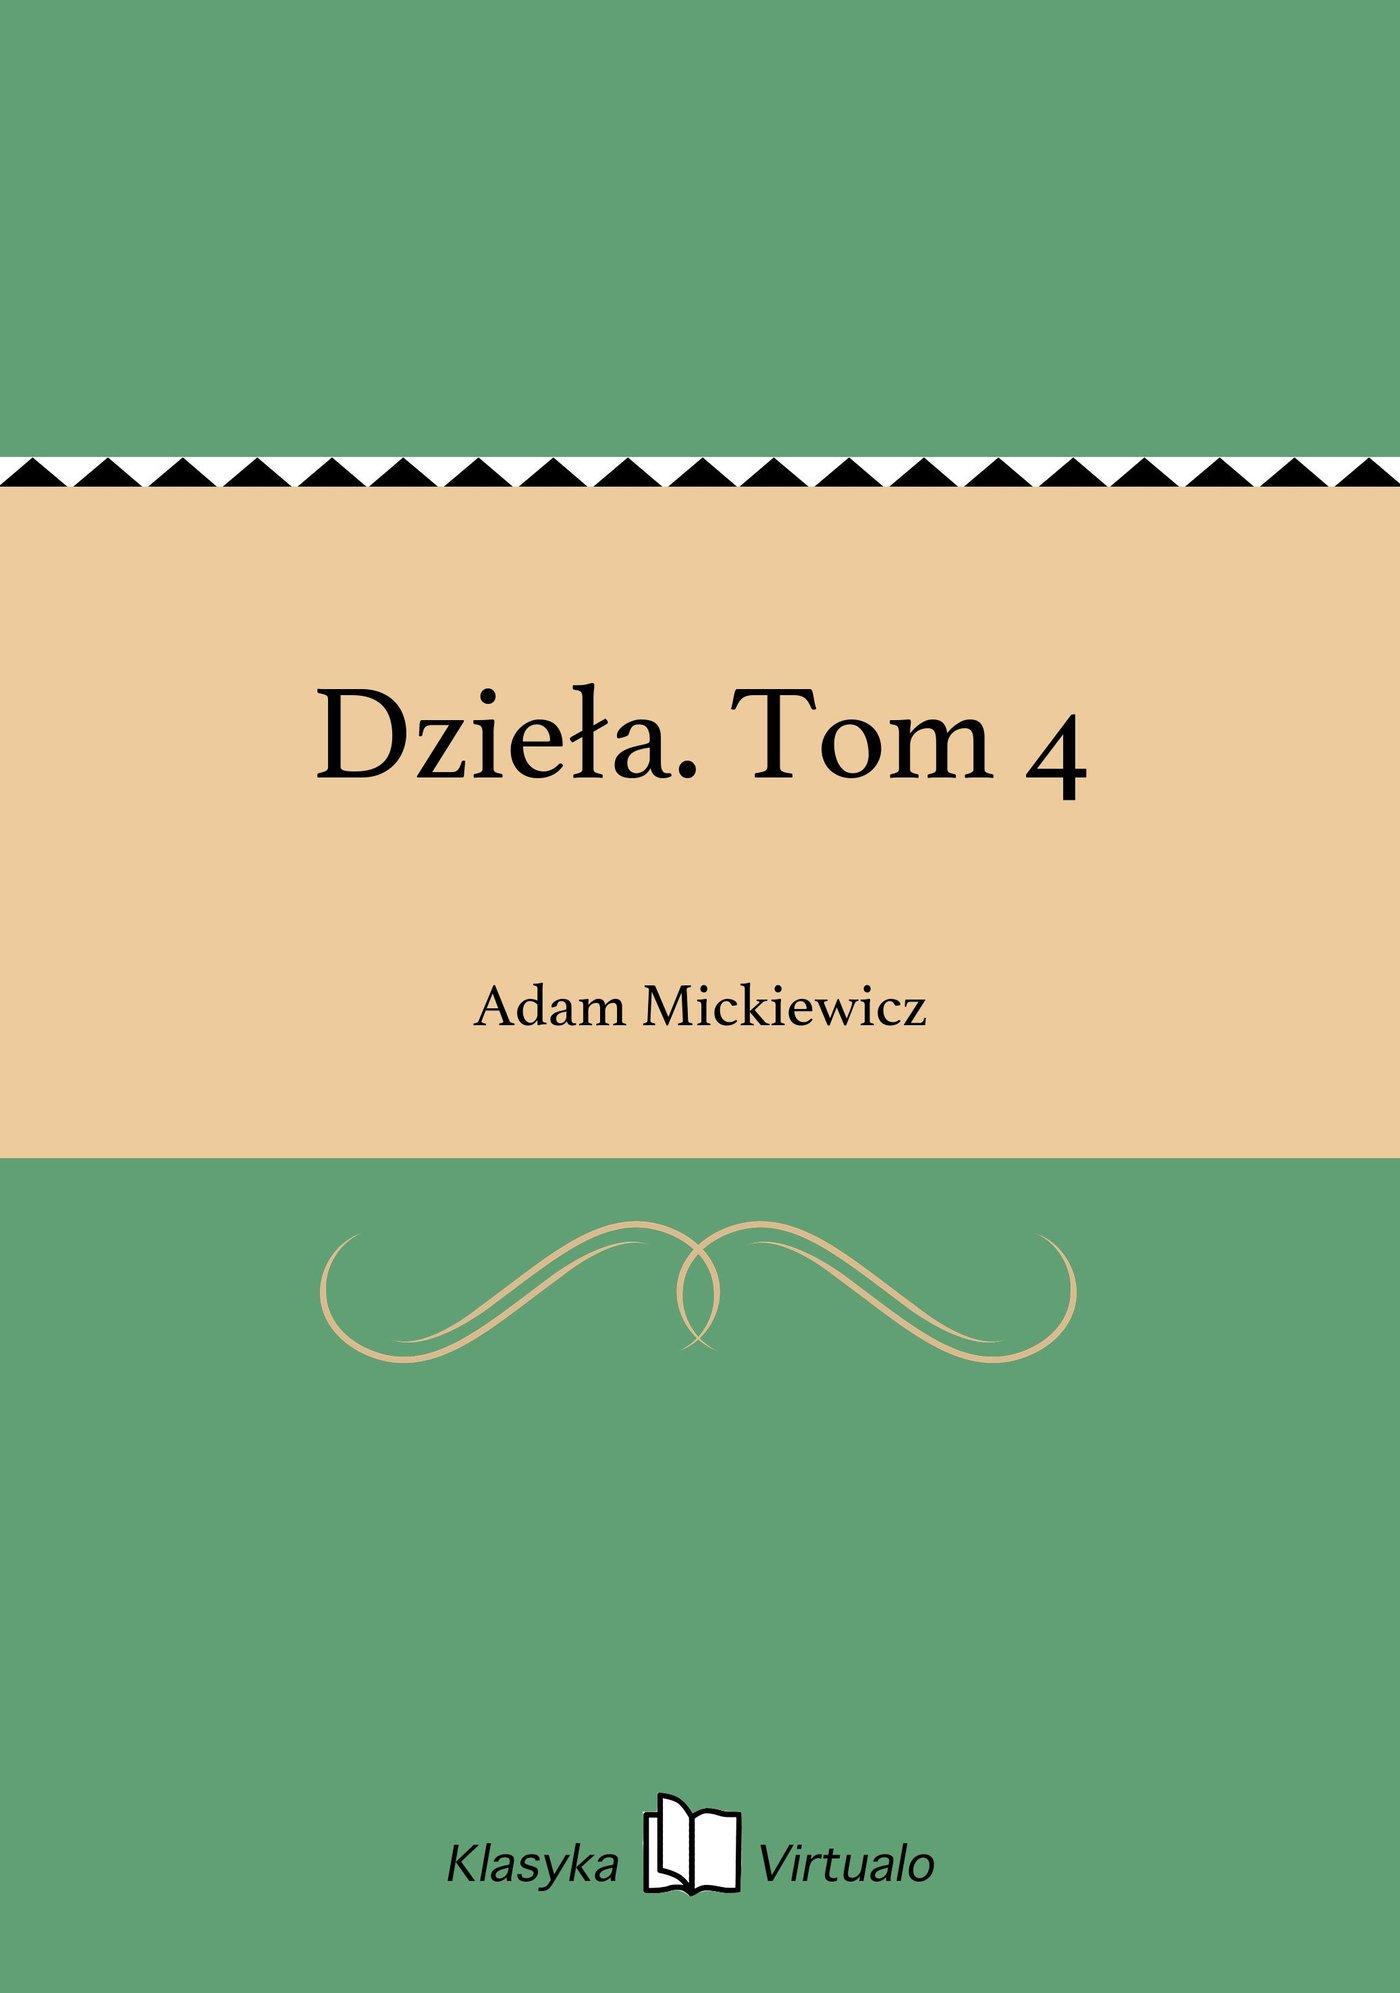 Dzieła. Tom 4 - Ebook (Książka EPUB) do pobrania w formacie EPUB